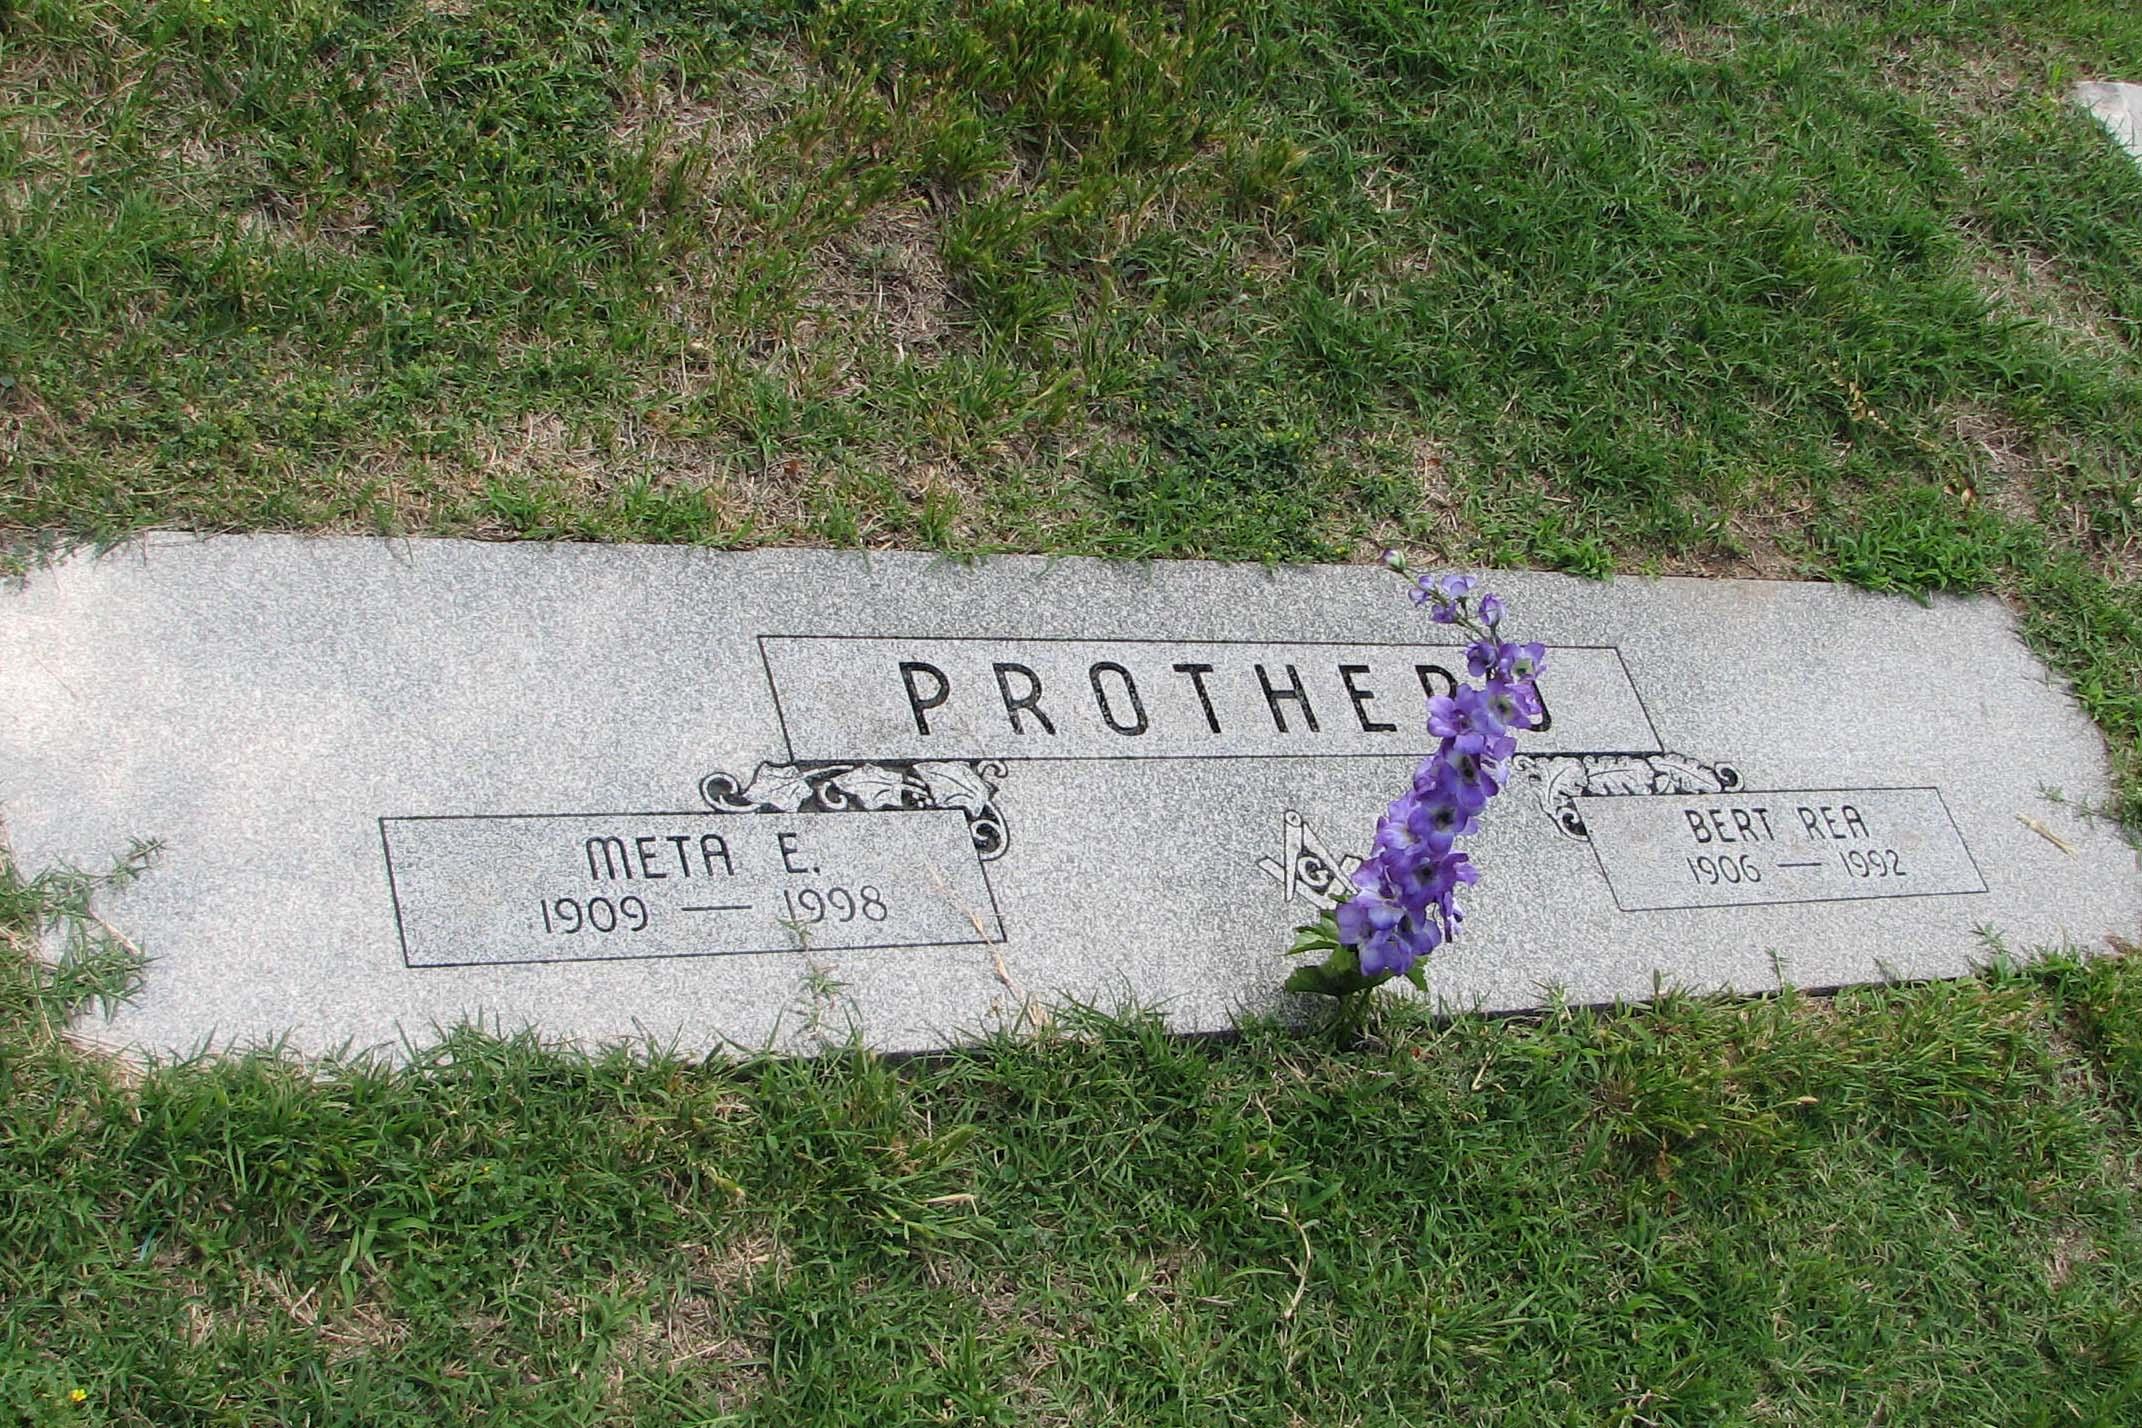 Bert Rea Prothero